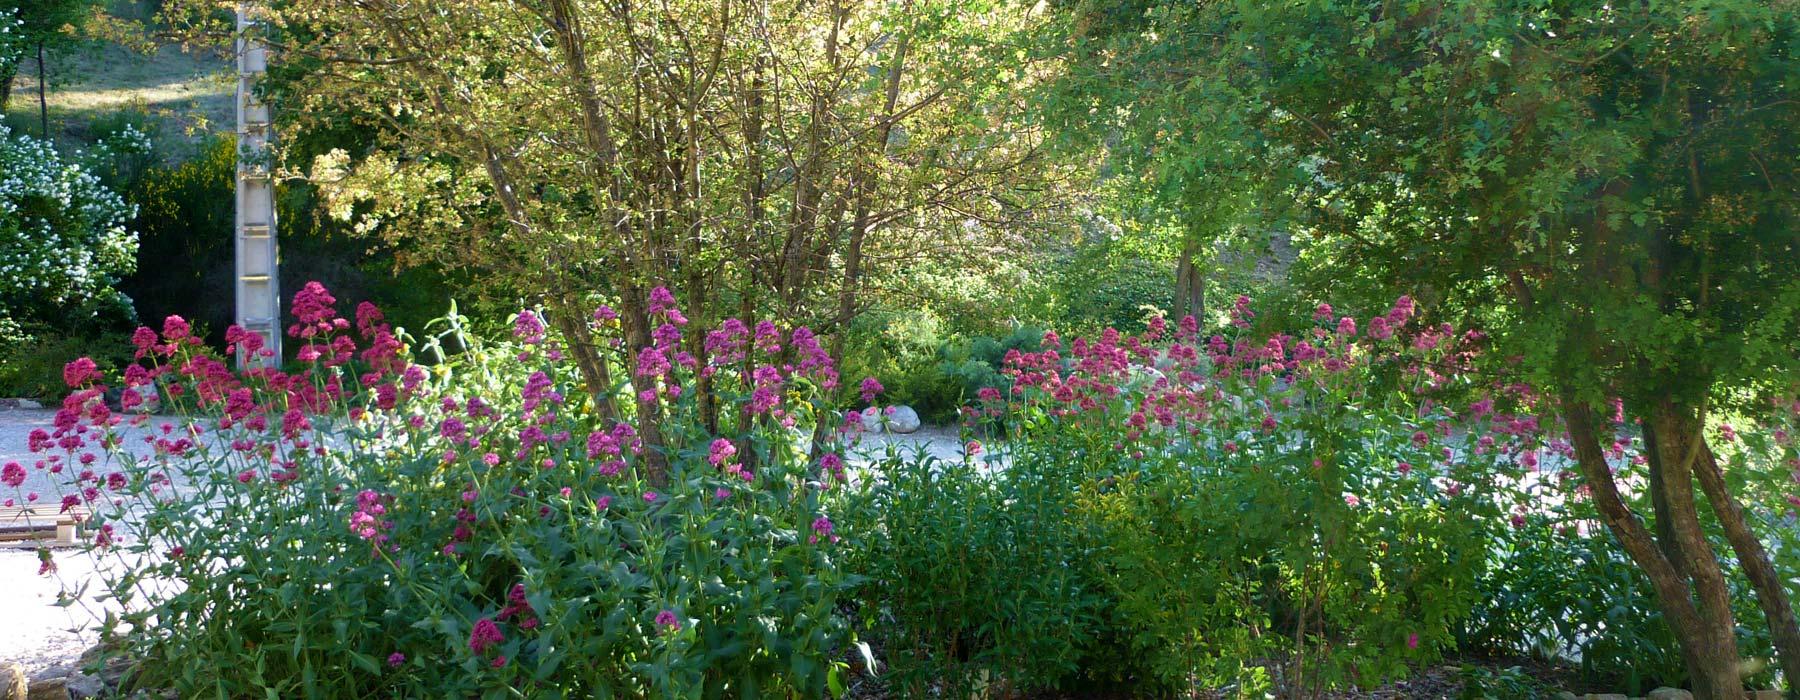 Bernard teste paysagiste en dr me et vaucluse cr ation for Entretien jardin vaucluse